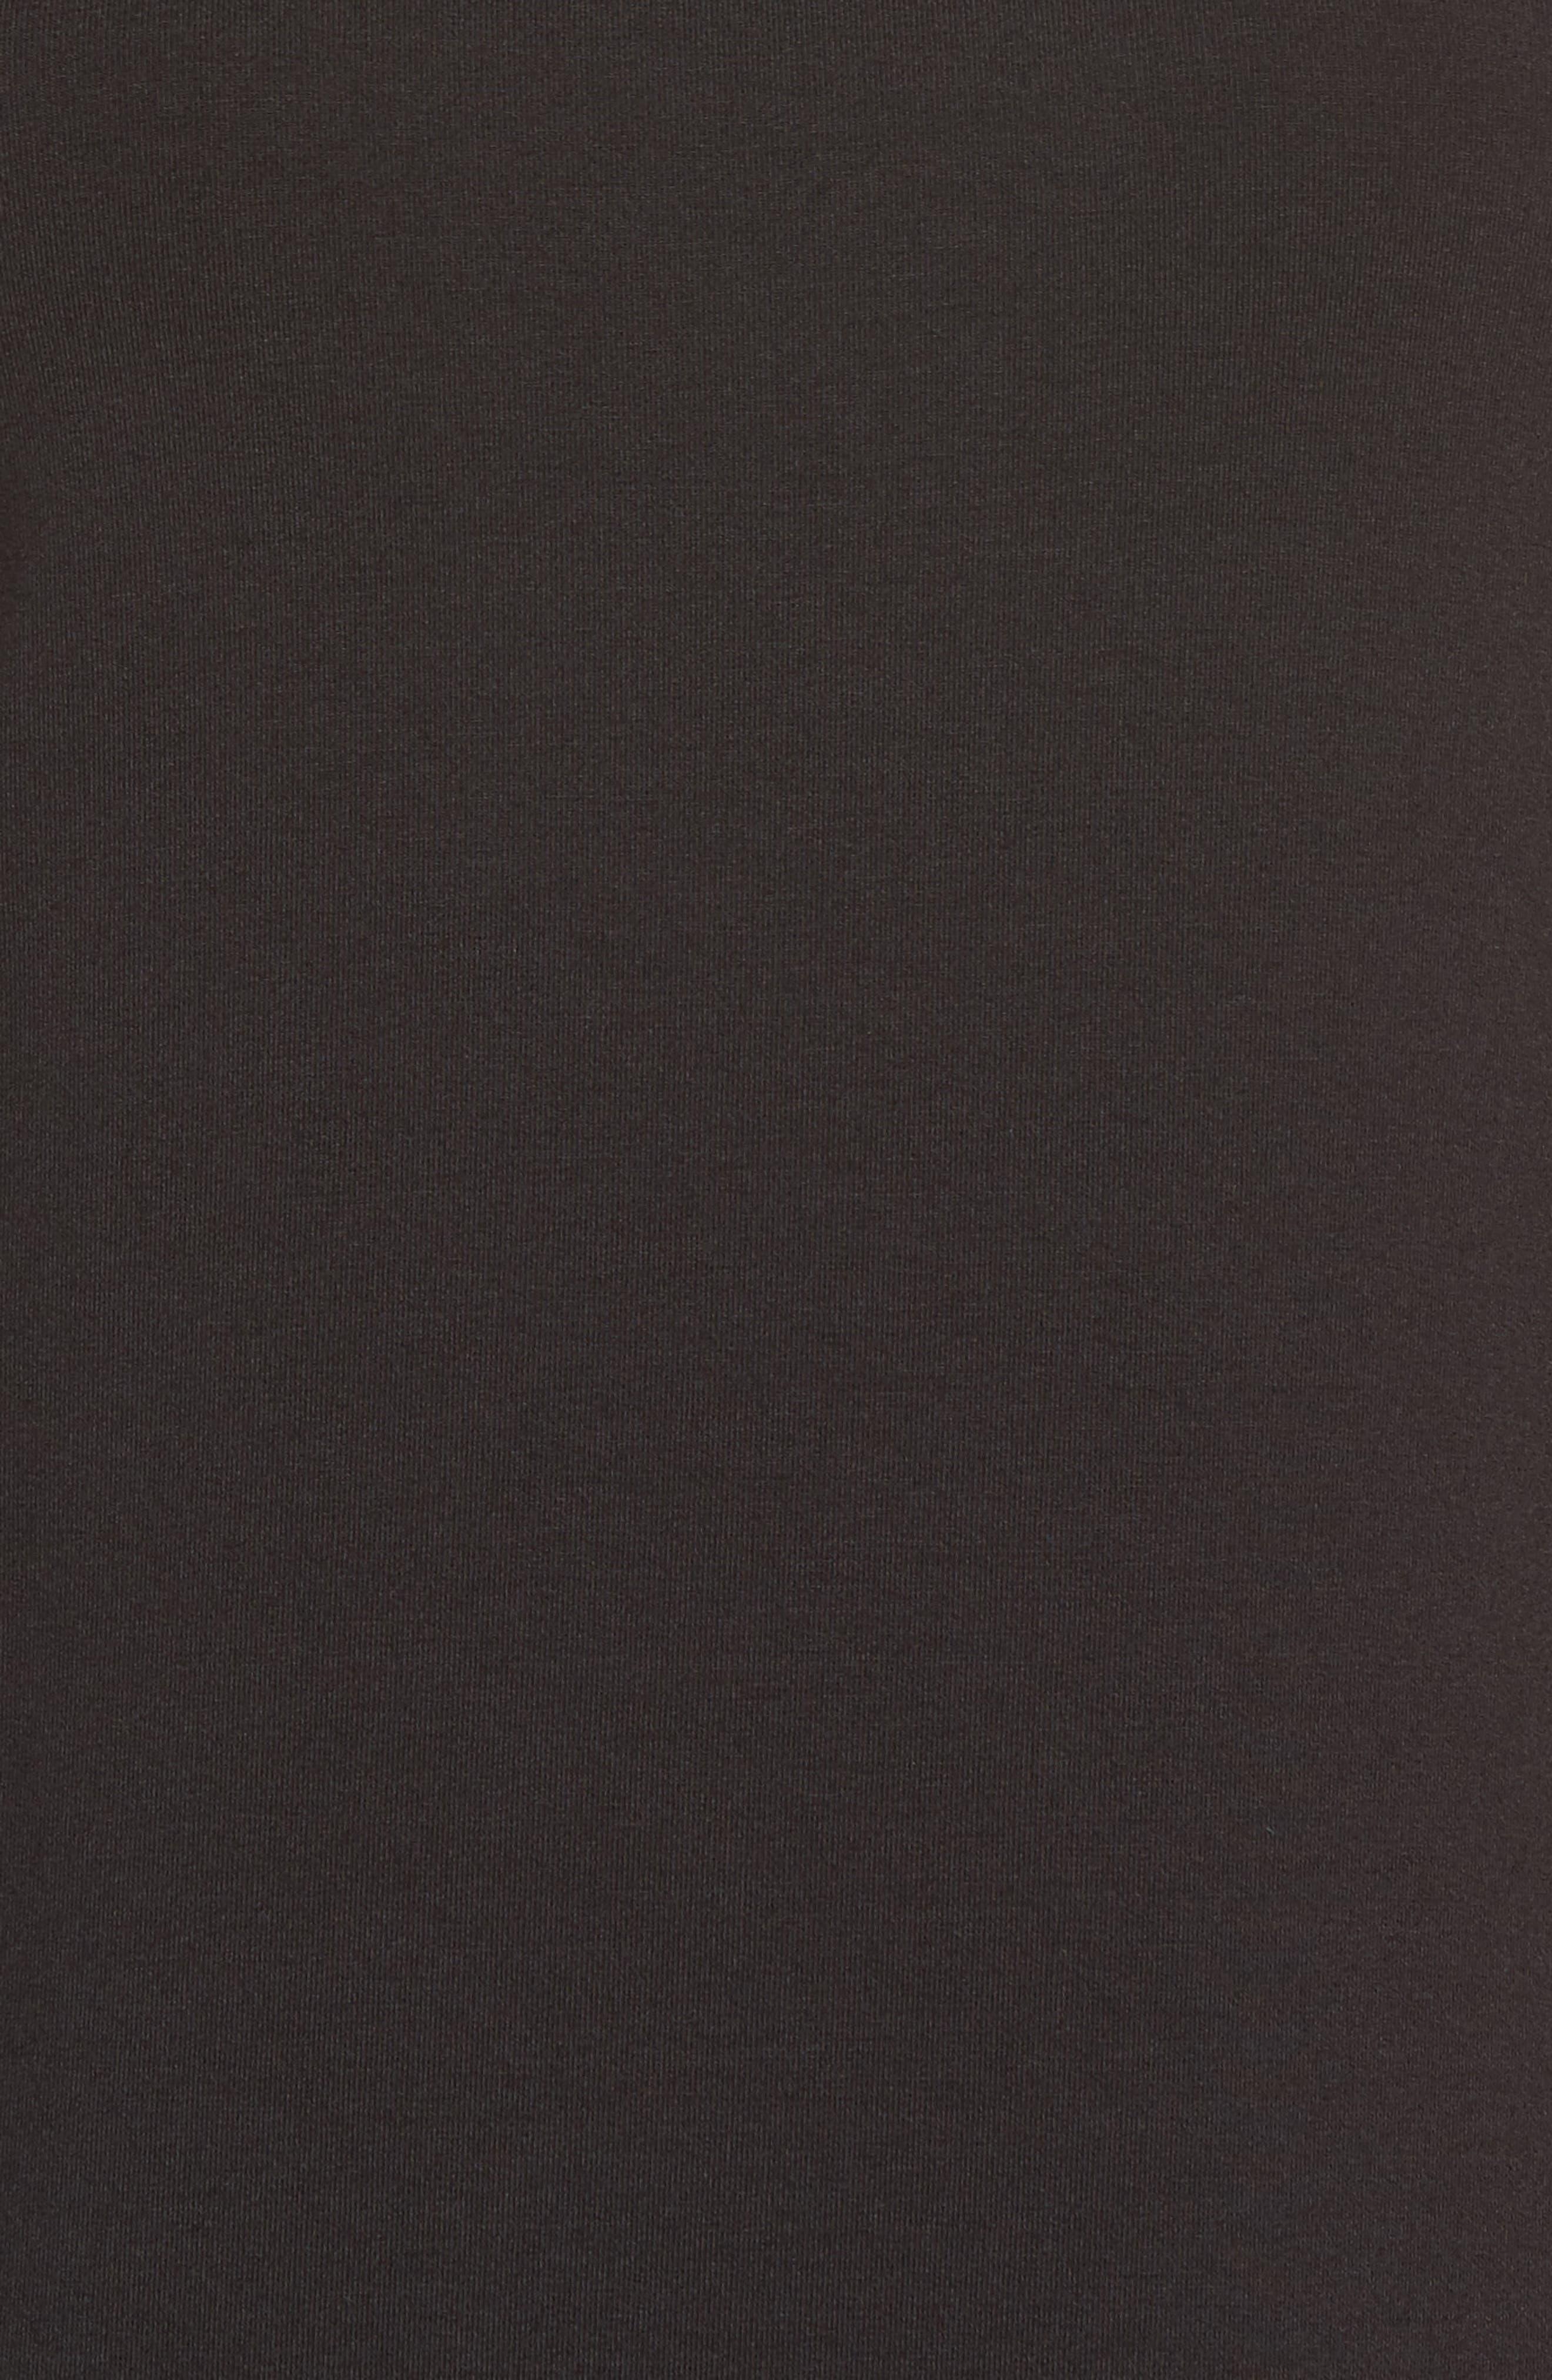 Tambour Maxi Dress,                             Alternate thumbnail 5, color,                             Black